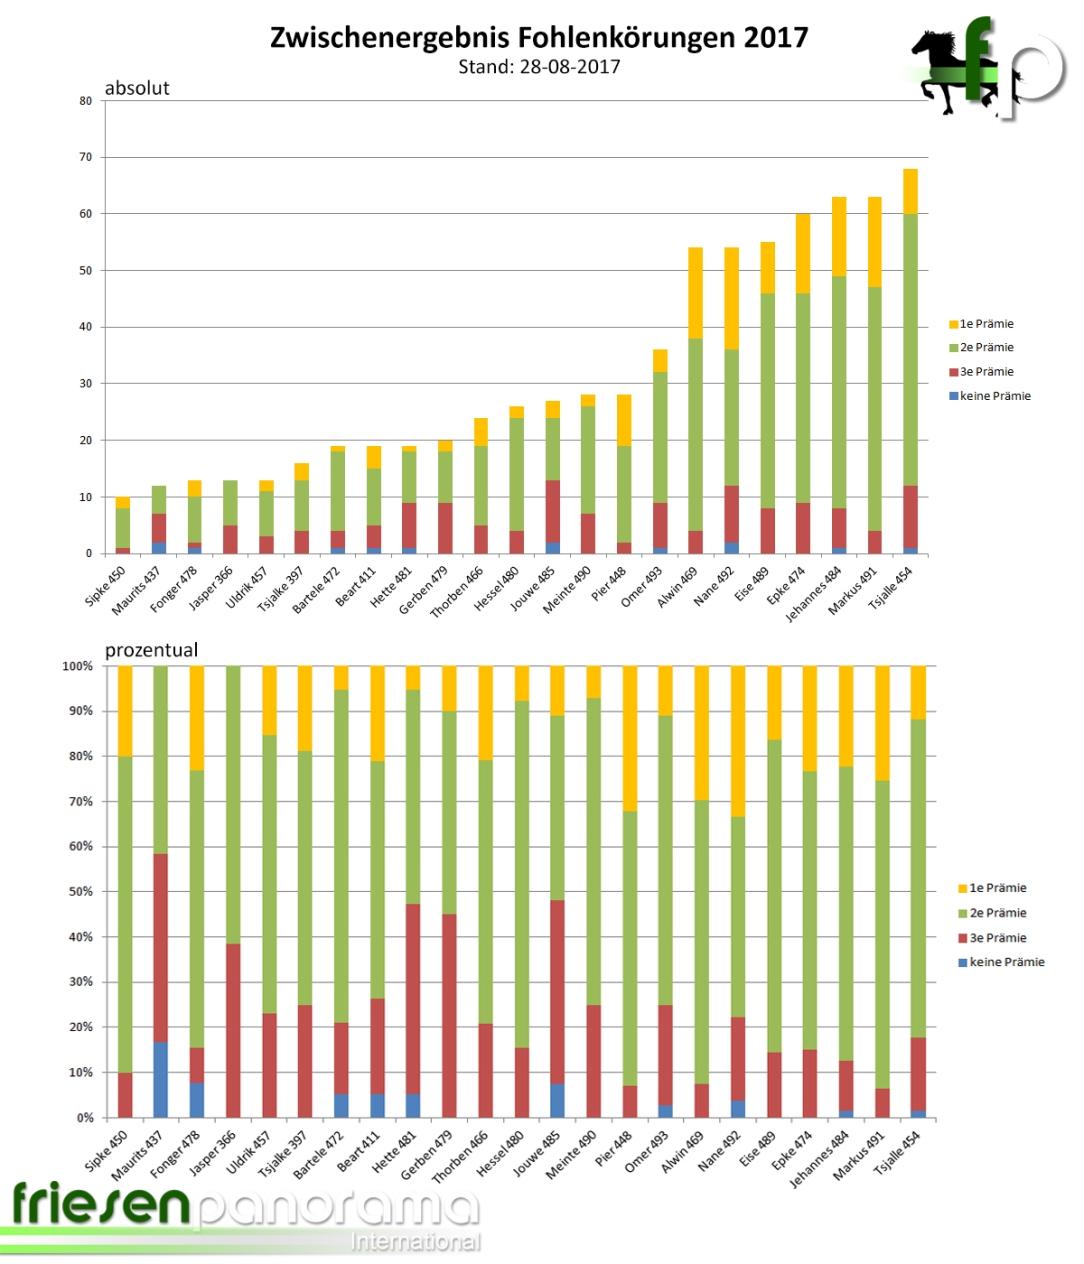 Zwischenstand Fohlenprämien 2017 Top Anzahl - 28-08